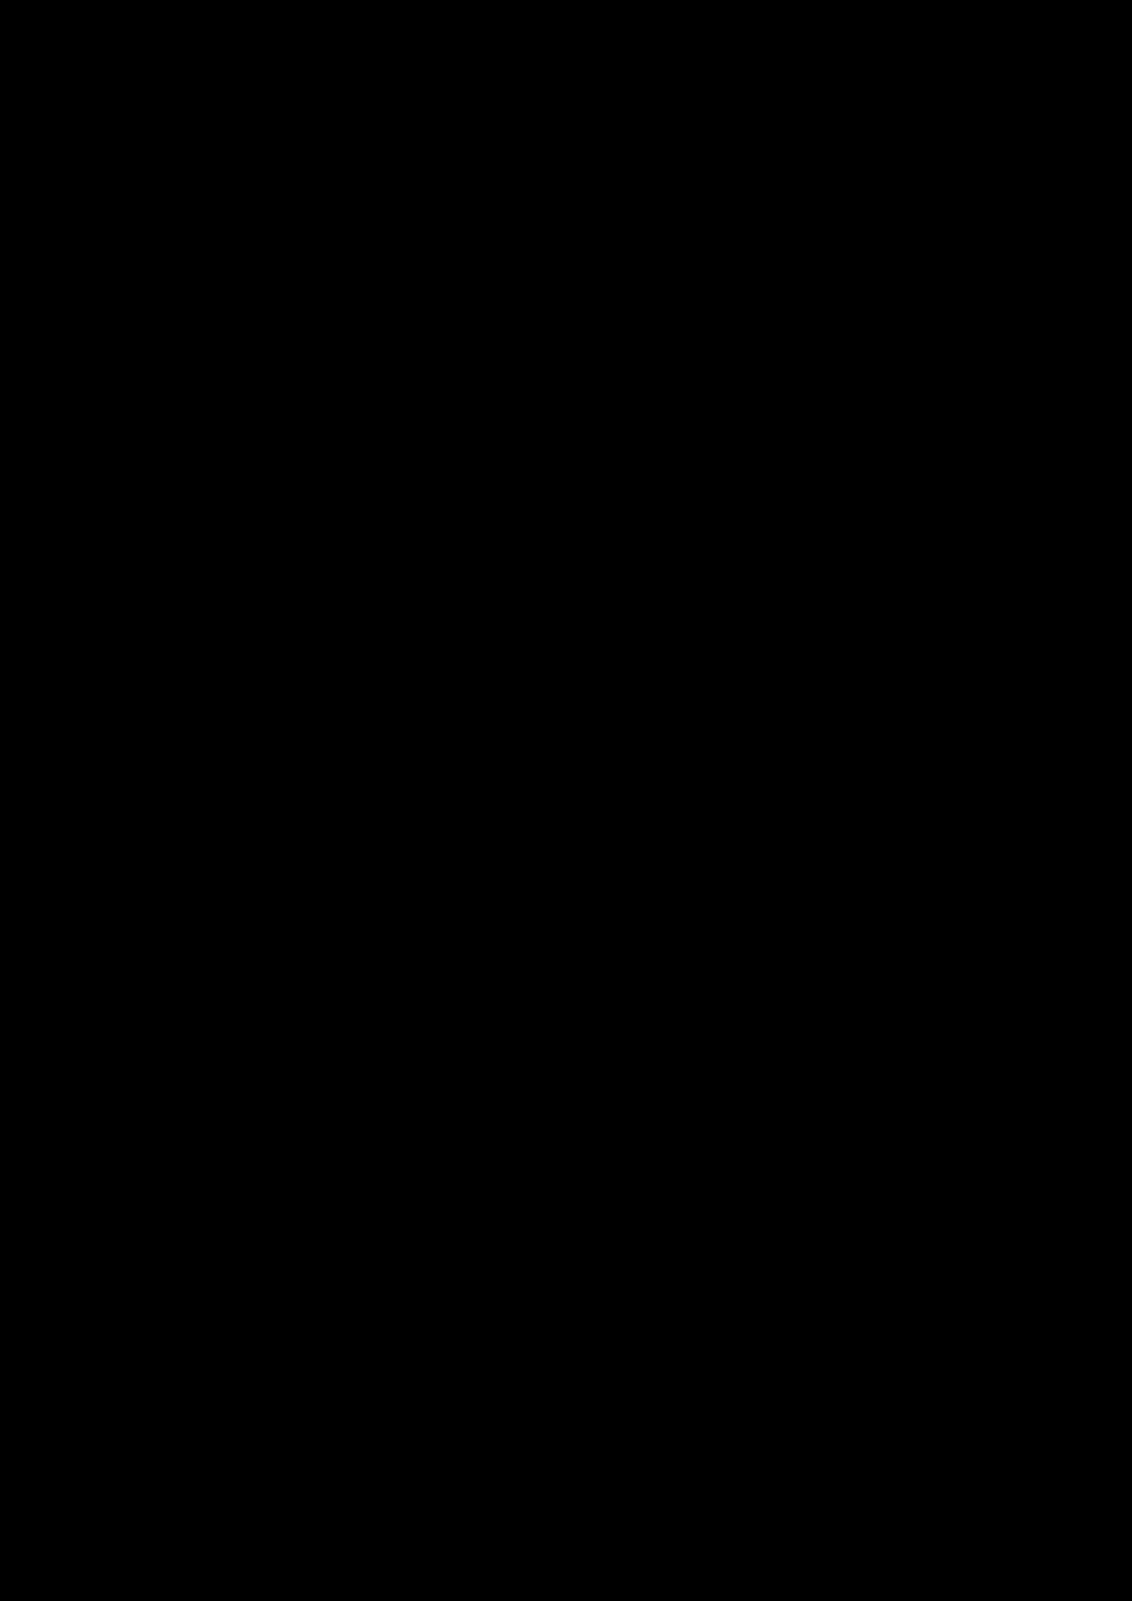 Serdtse slide, Image 63